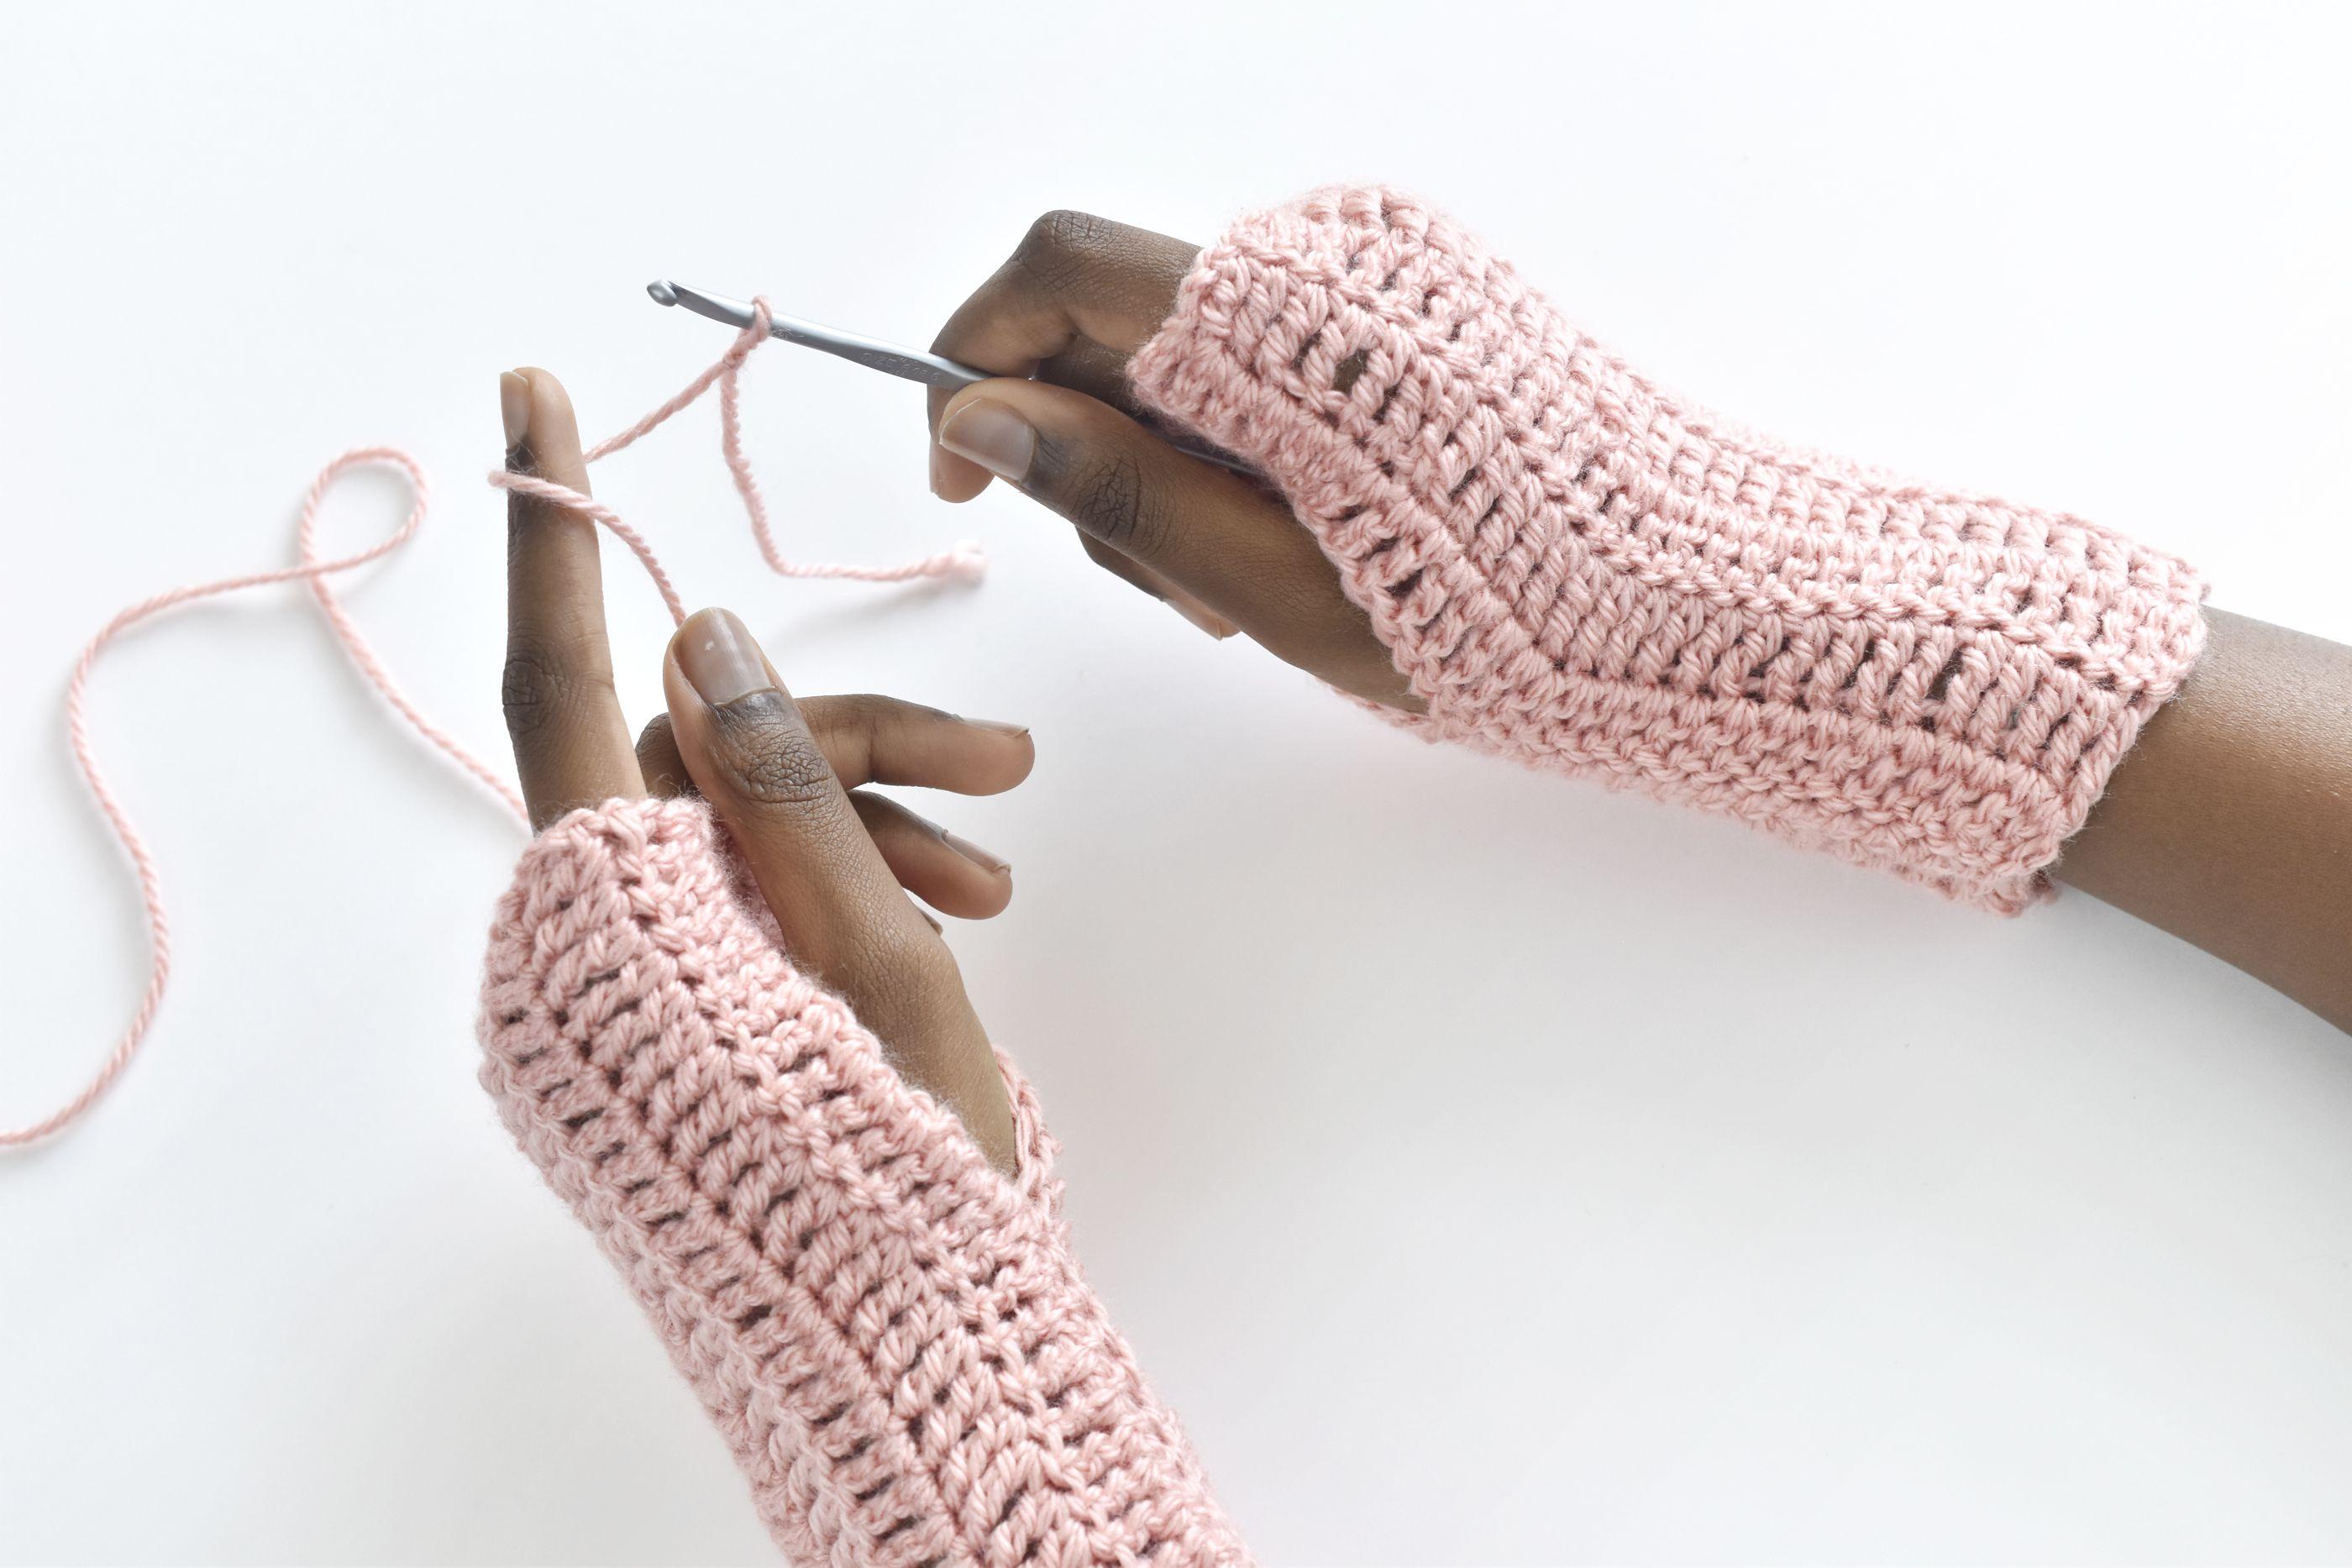 Fingerless Gloves Treble Crochet Pattern For Beginners